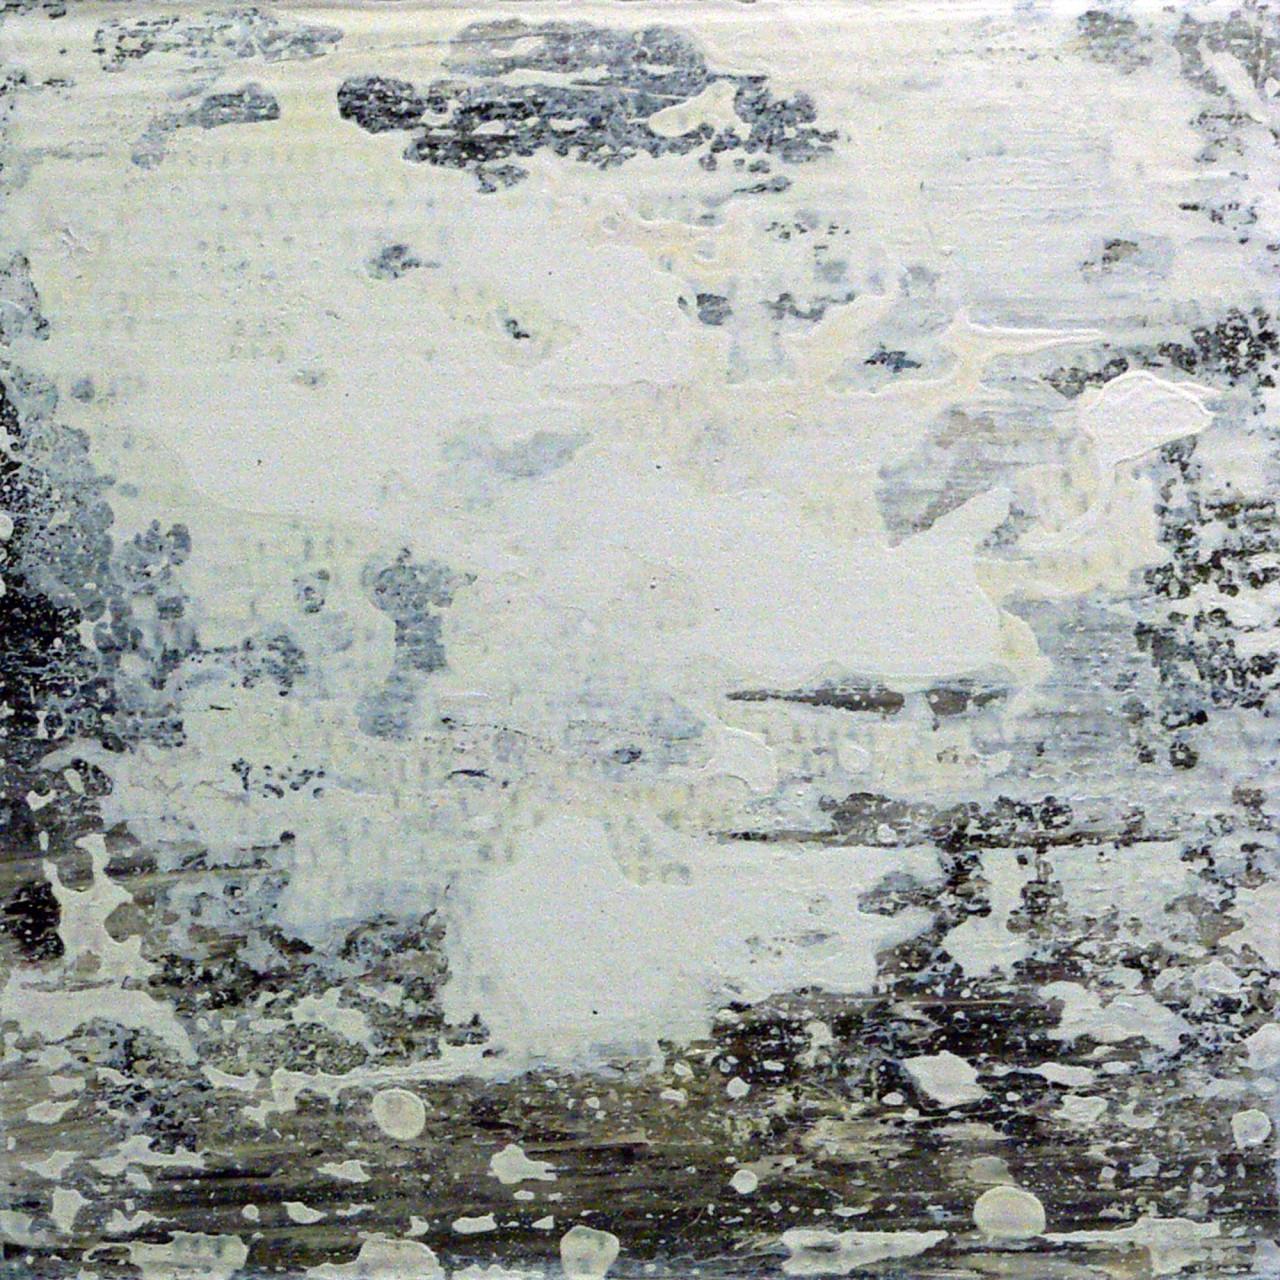 657, 2015 olio e smalto su cartone su tavola 30x30 cm